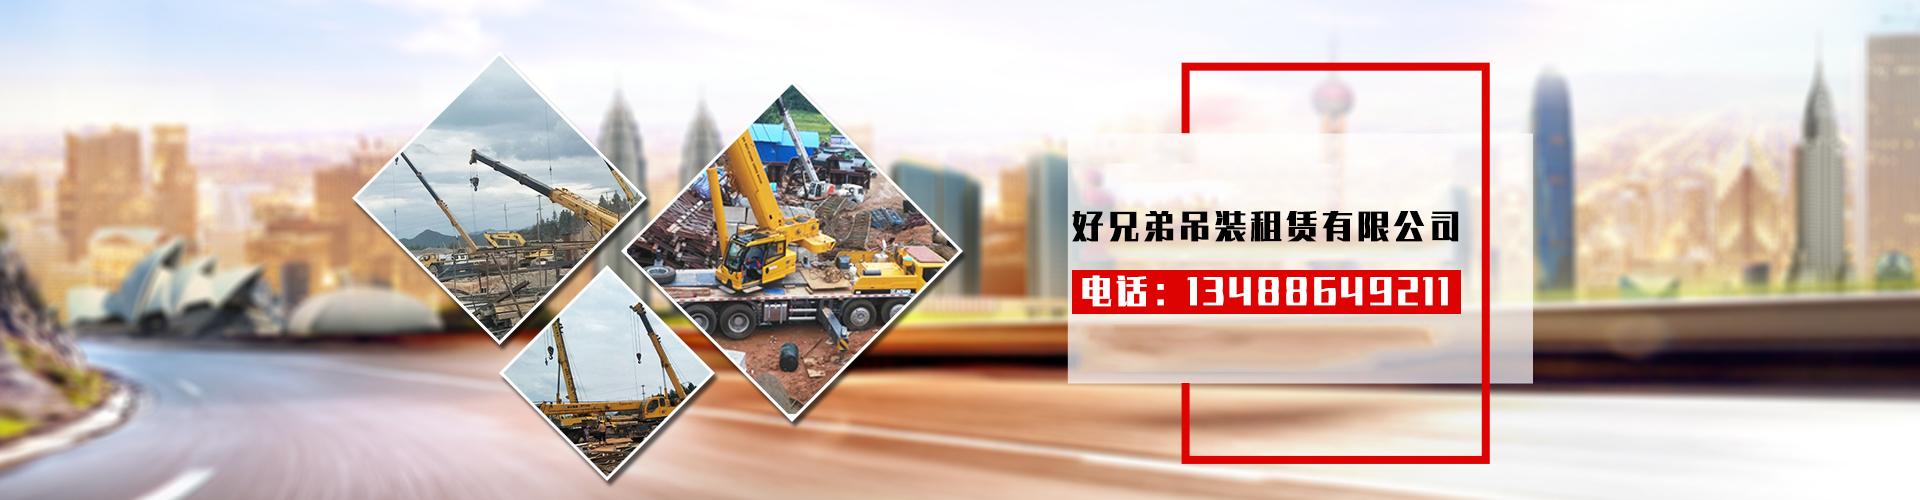 北京吊车租赁有限公司